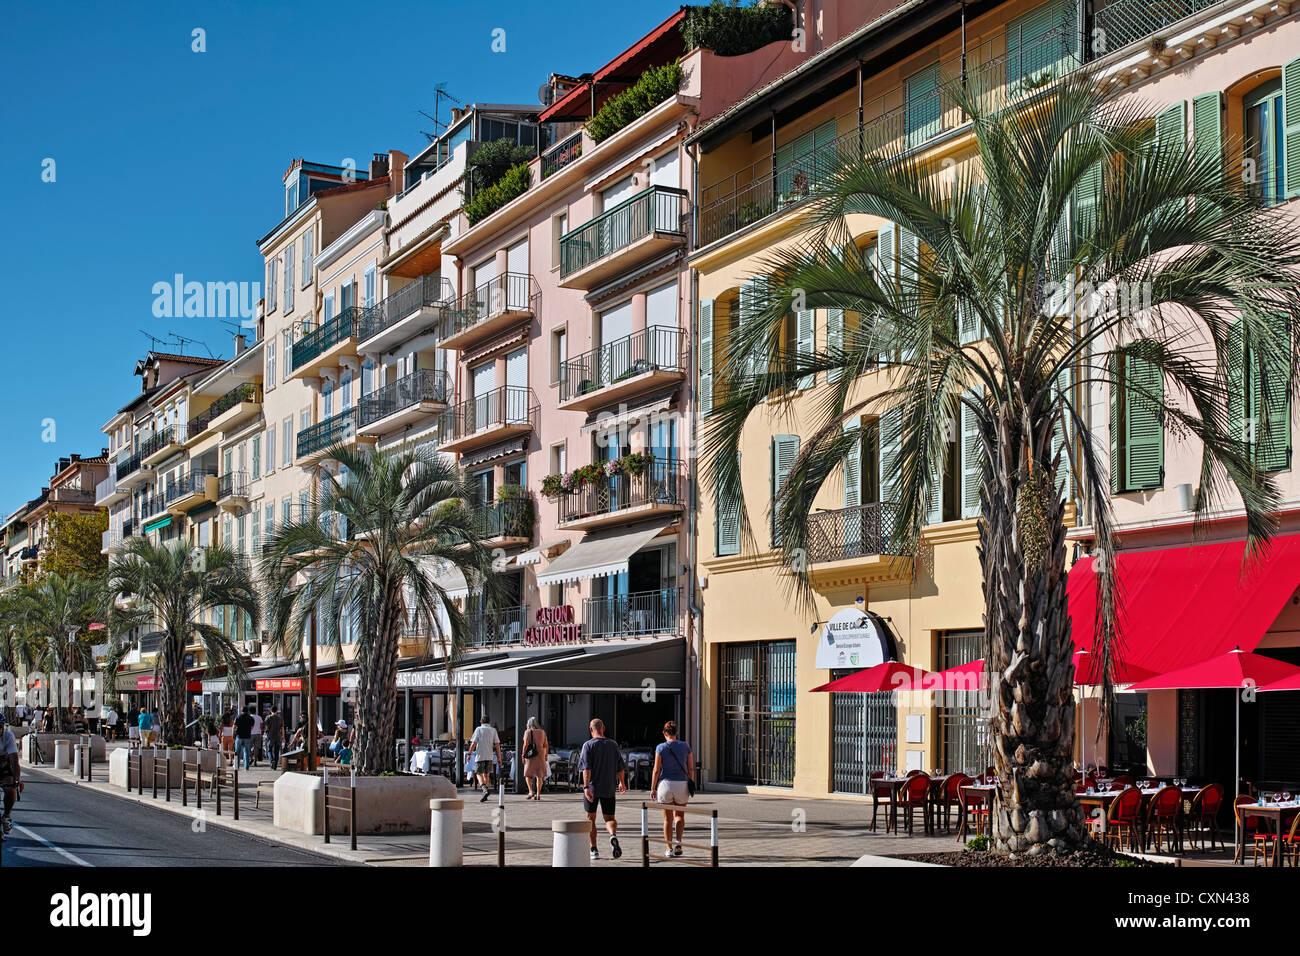 Quai Saint-Pierre Cannes shops and restaurants - Stock Image